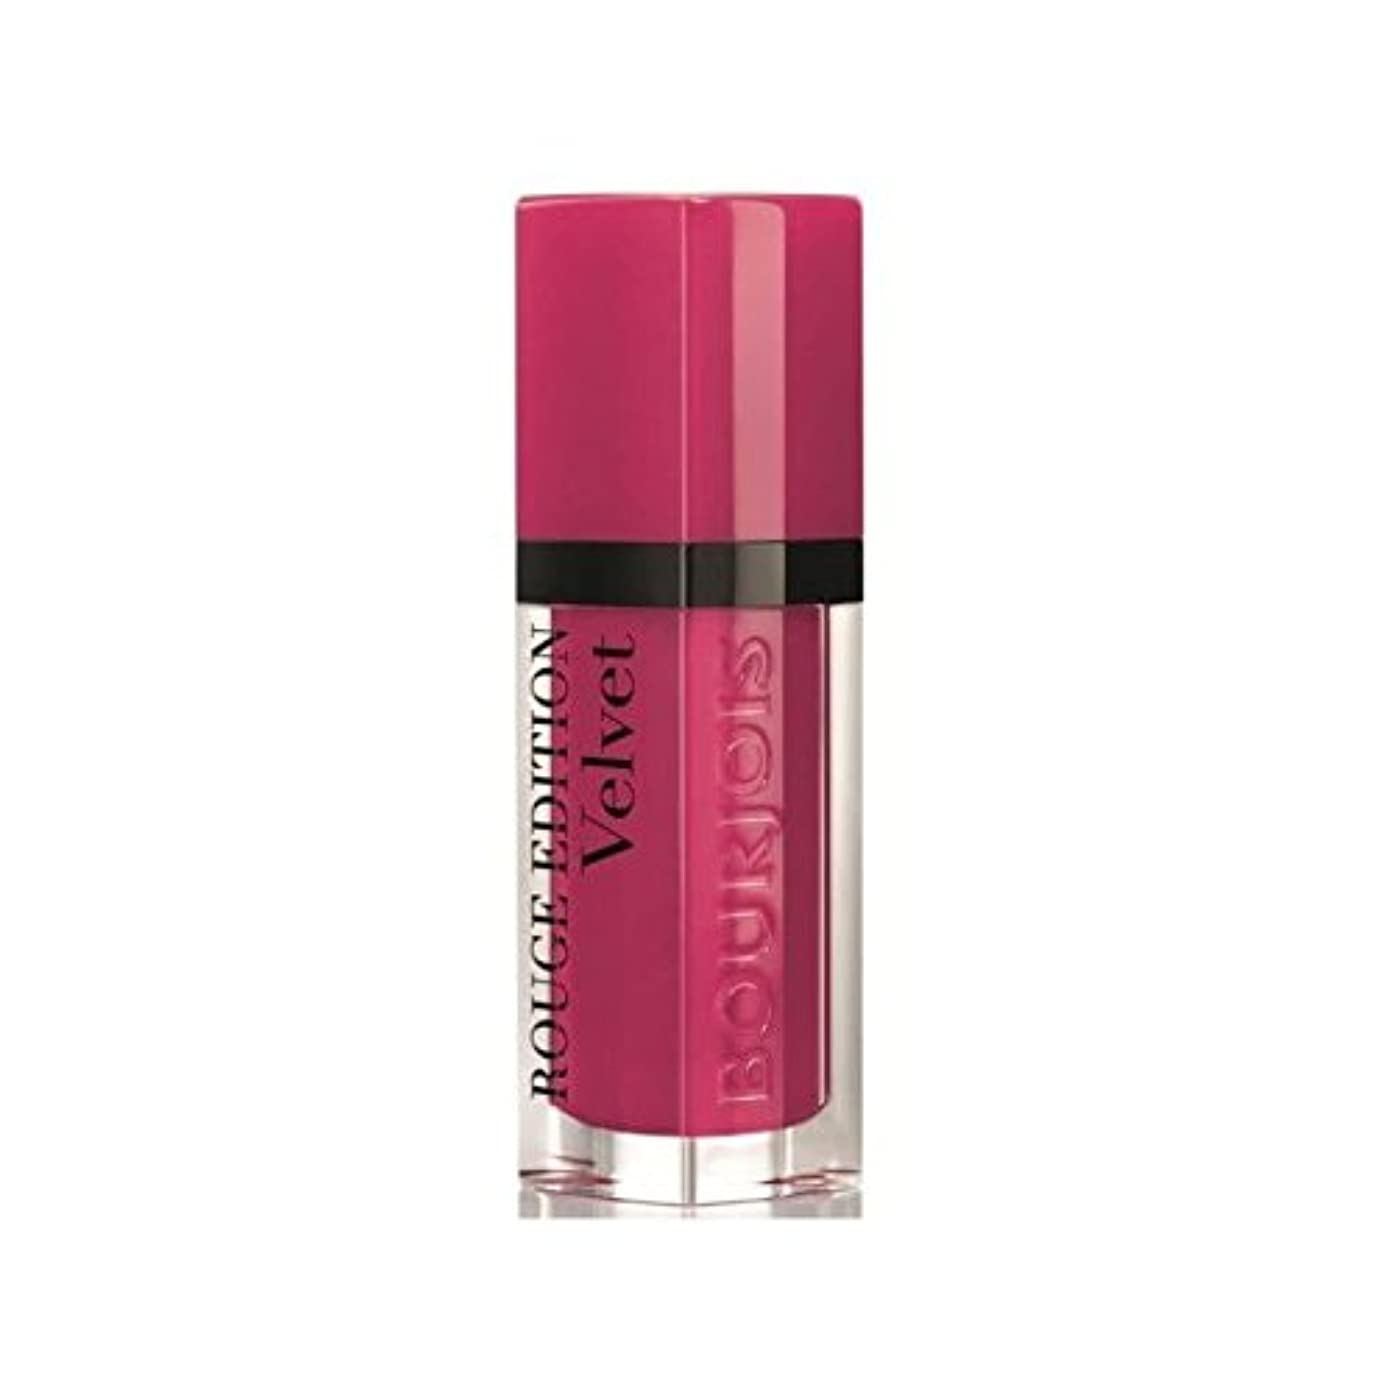 去るテント着実にブルジョワルージュ版のベルベットの口紅フラミンゴ5 x4 - Bourjois Rouge Edition Velvet lipstick Ole Flamingo 5 (Pack of 4) [並行輸入品]